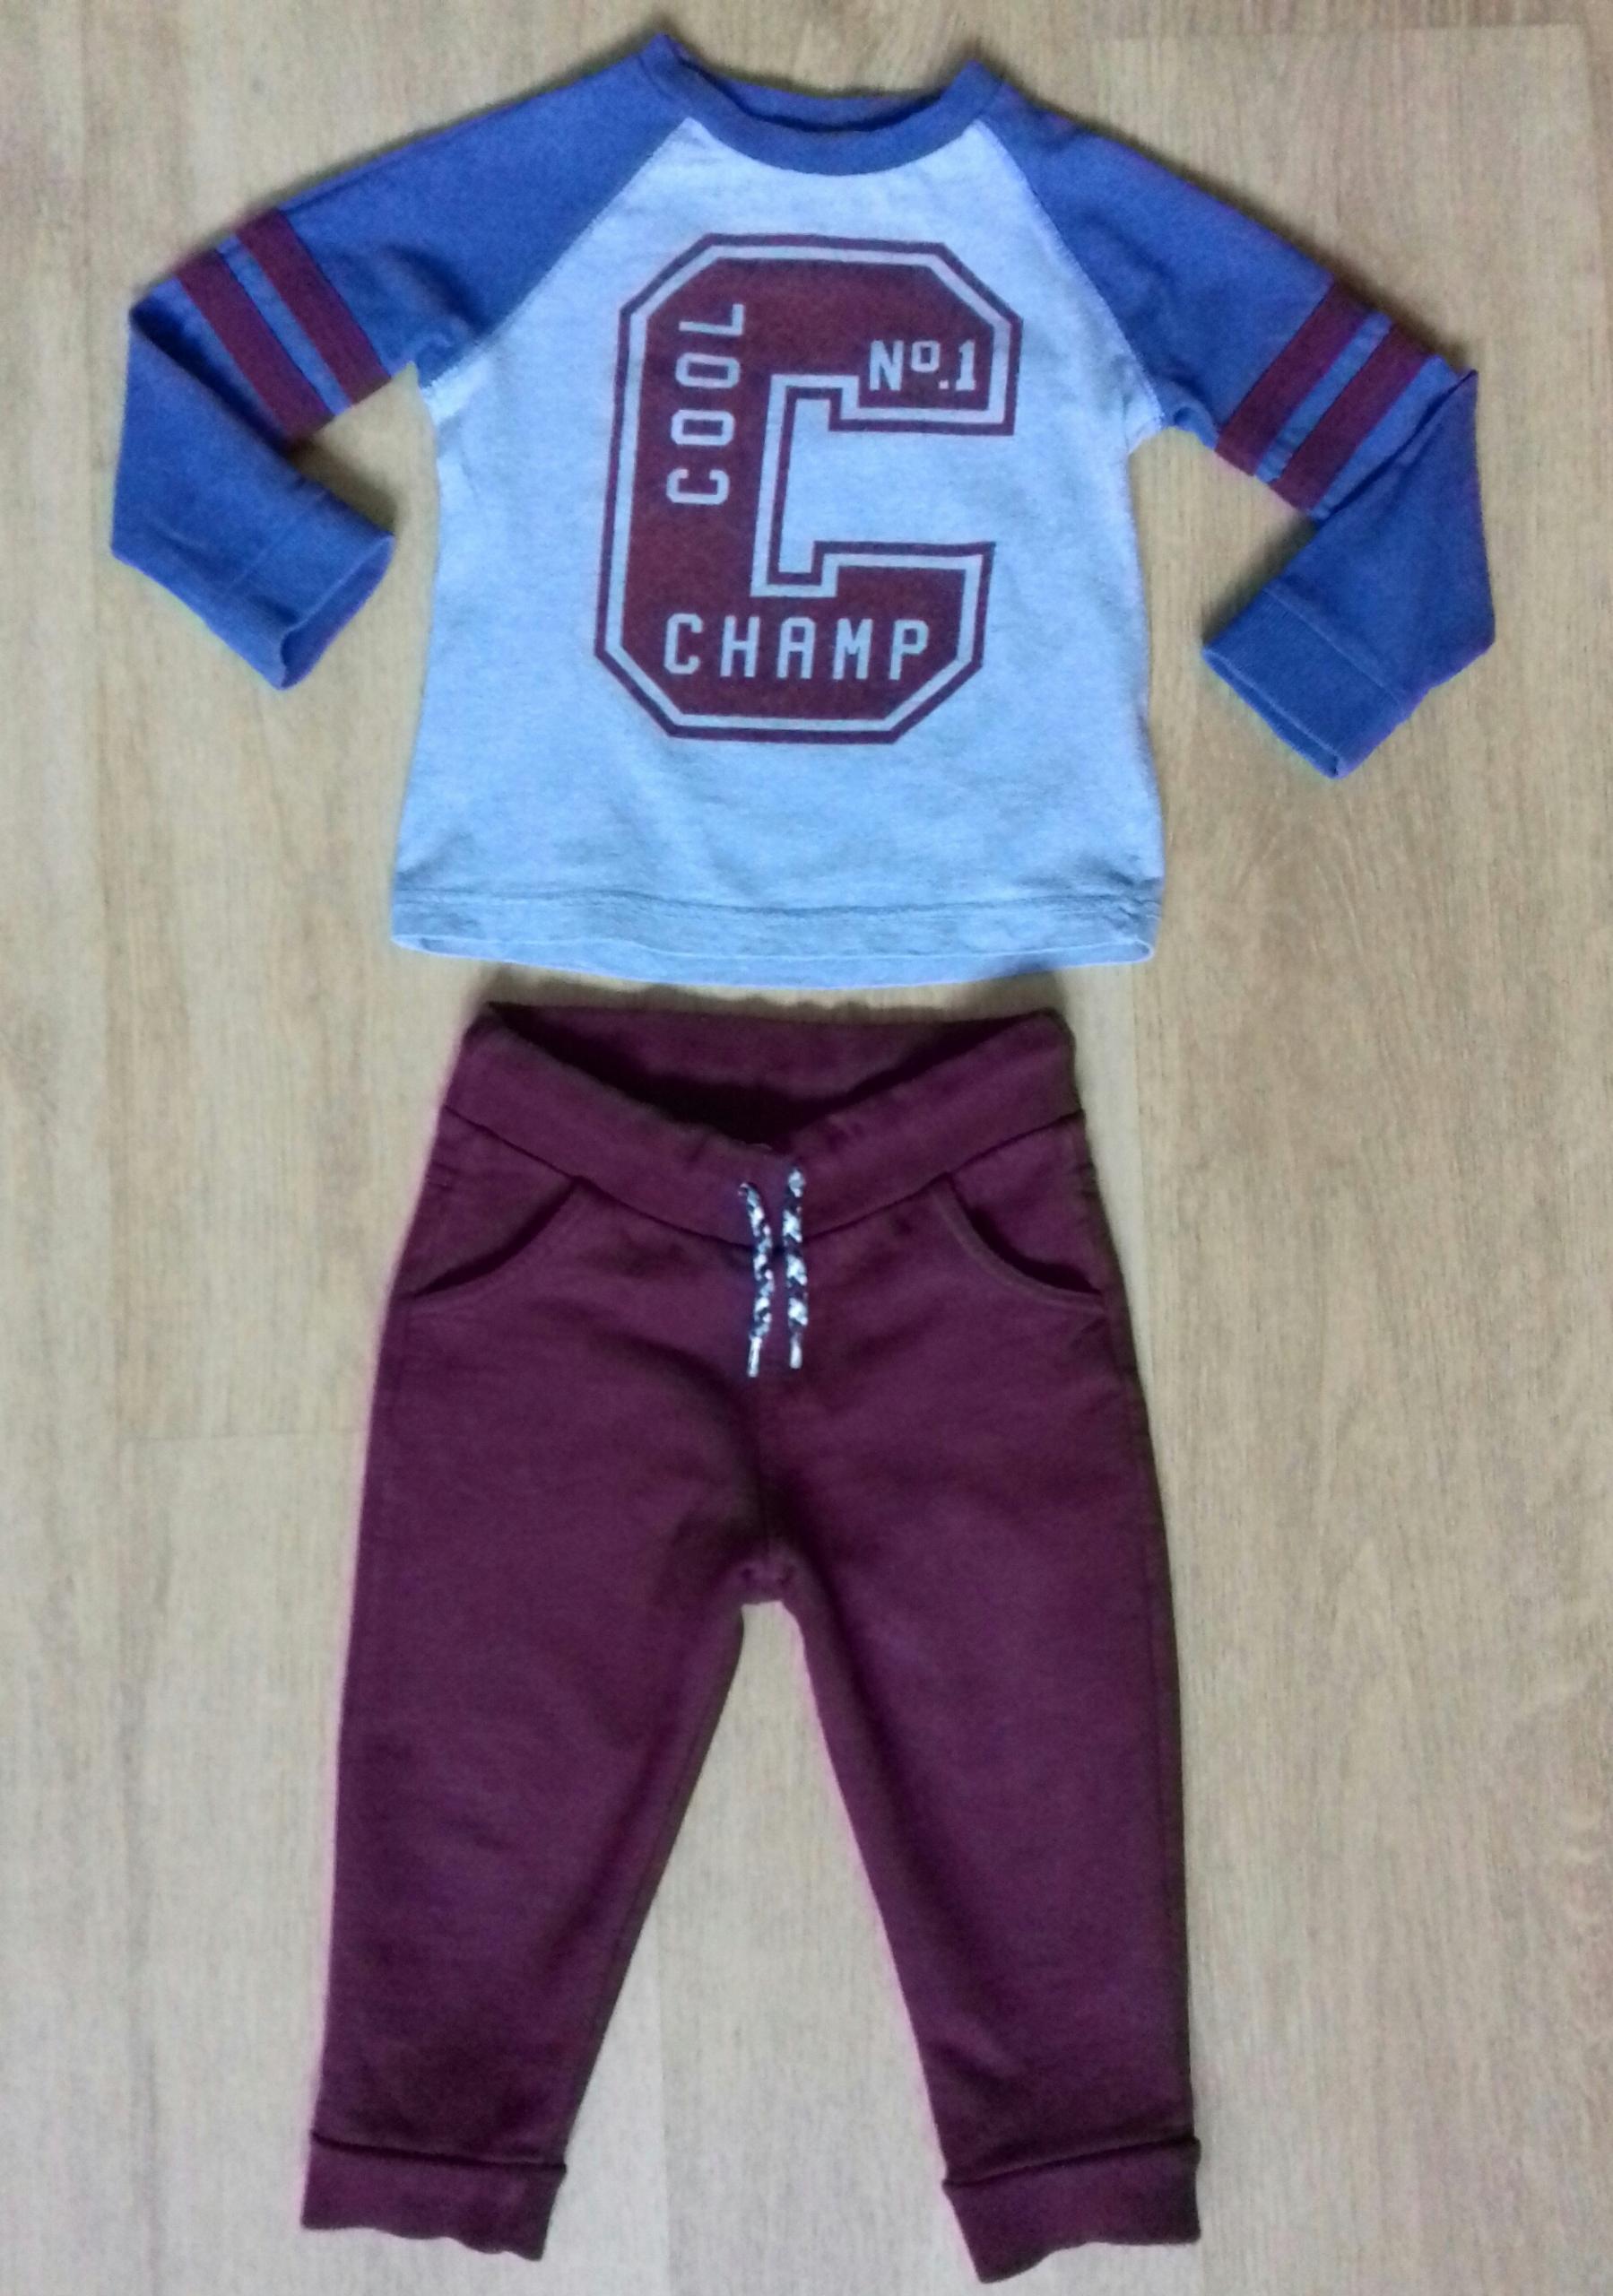 Komplet F&F bluzka spodnie 18m 1-1,5roku